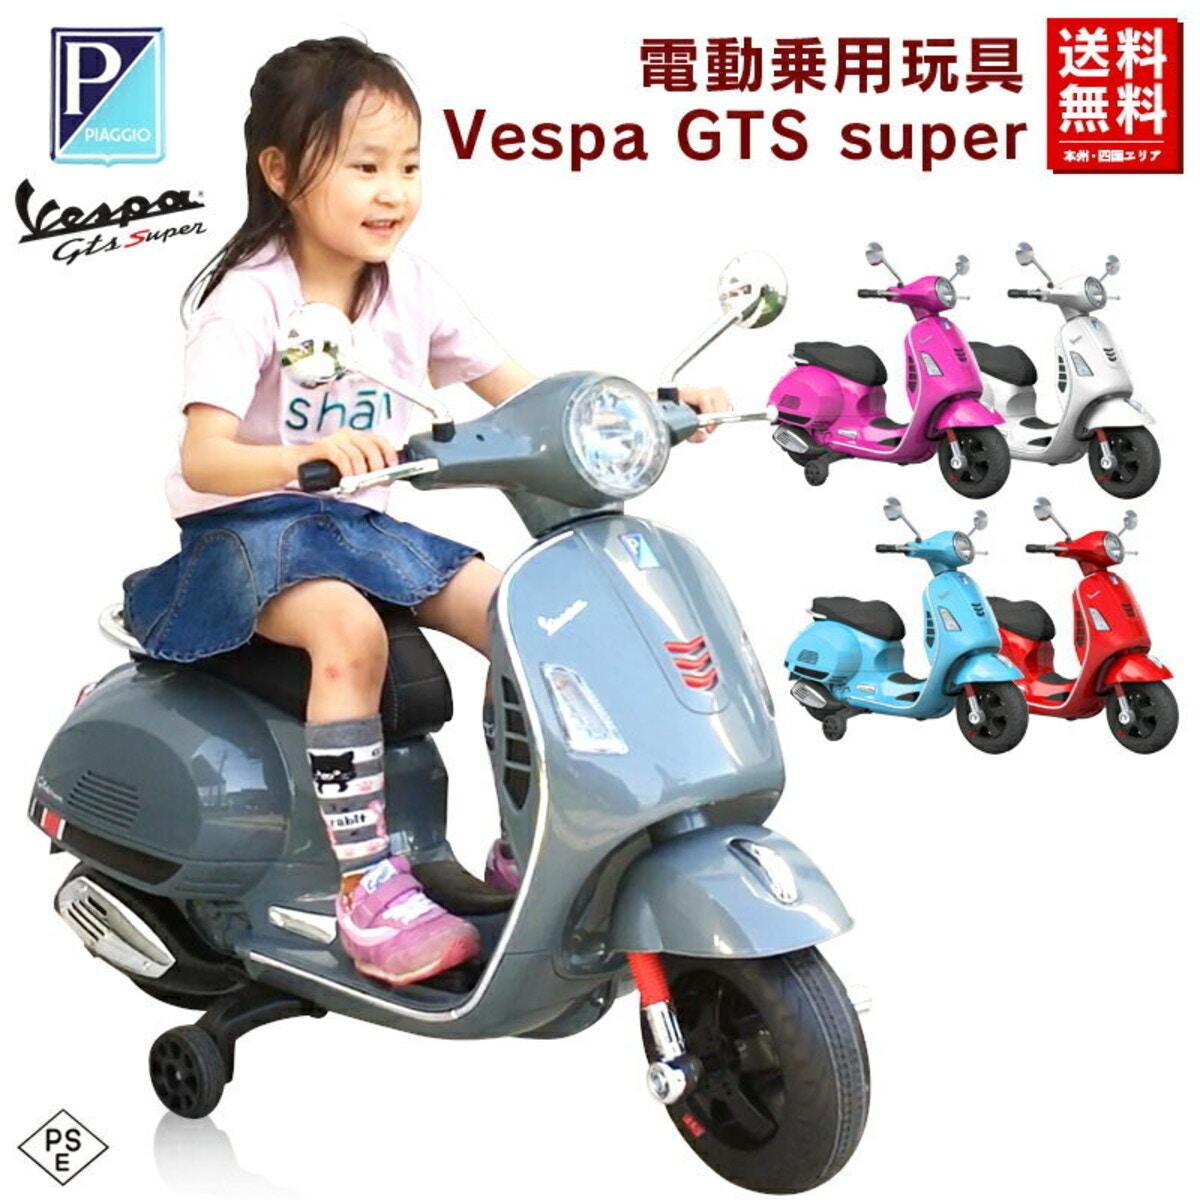 電動乗用バイク Vespa GTS Super